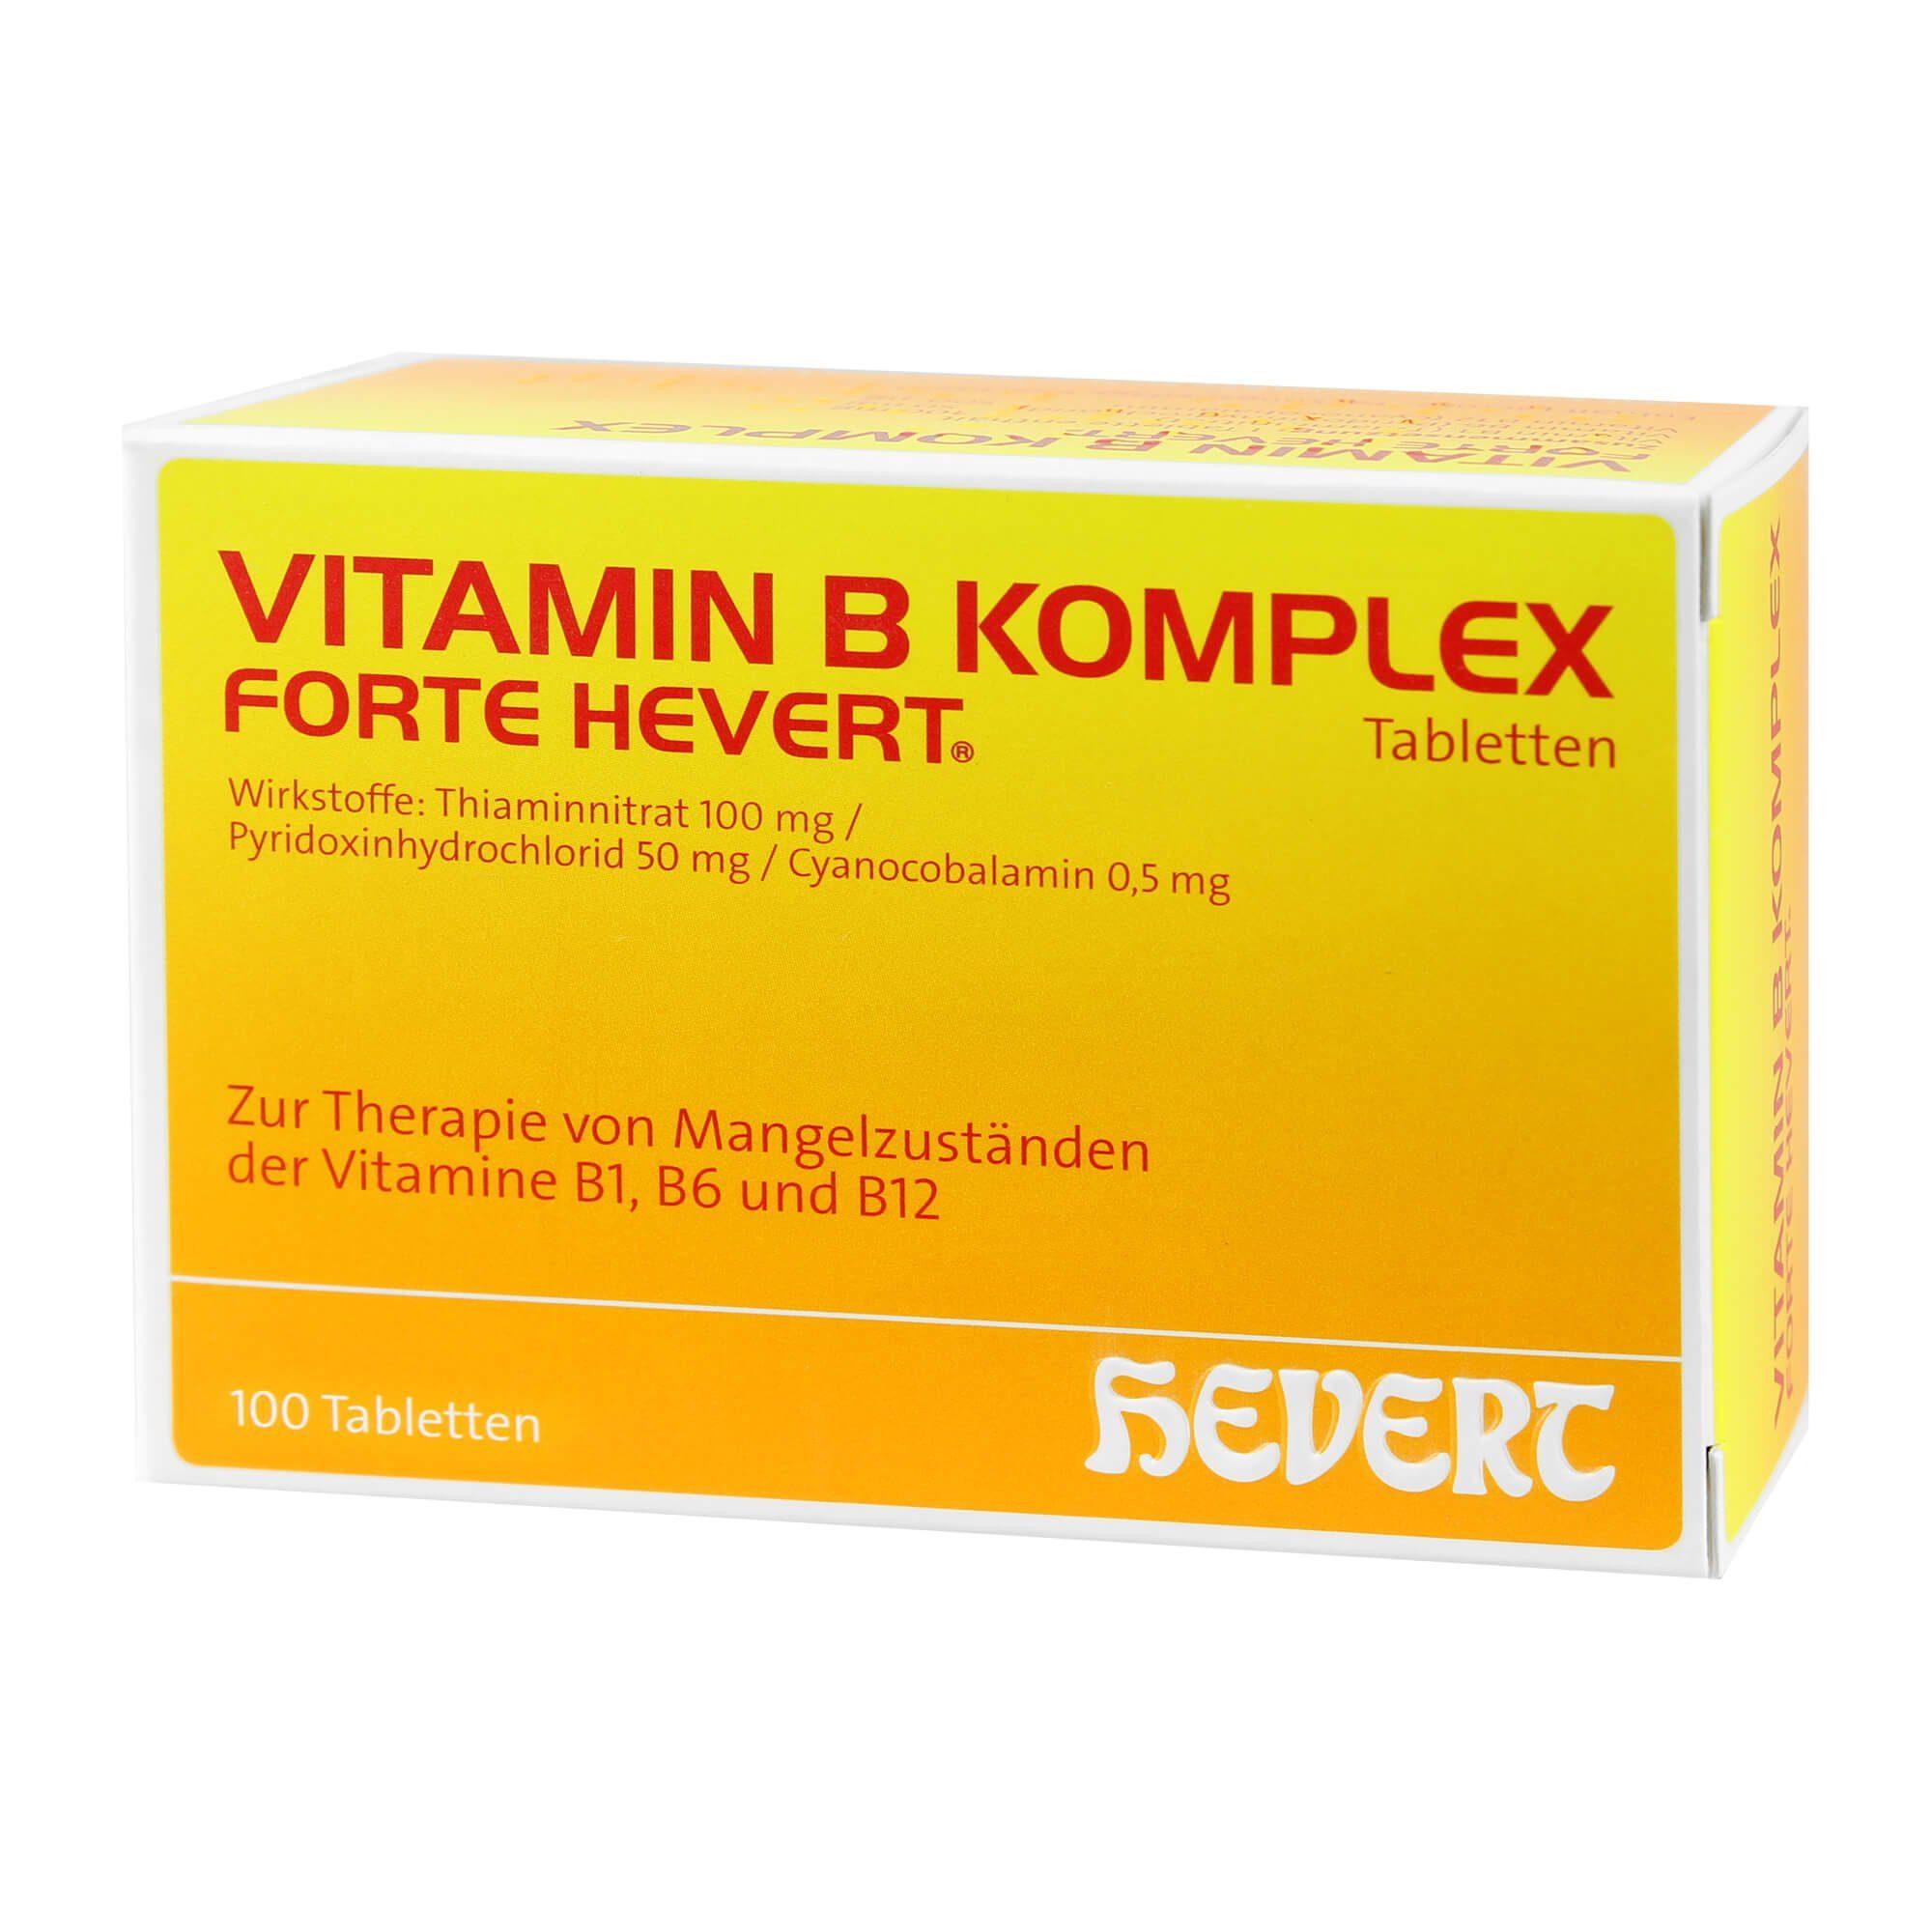 Hevert Vitamin B Komplex forte Hevert , 100 St